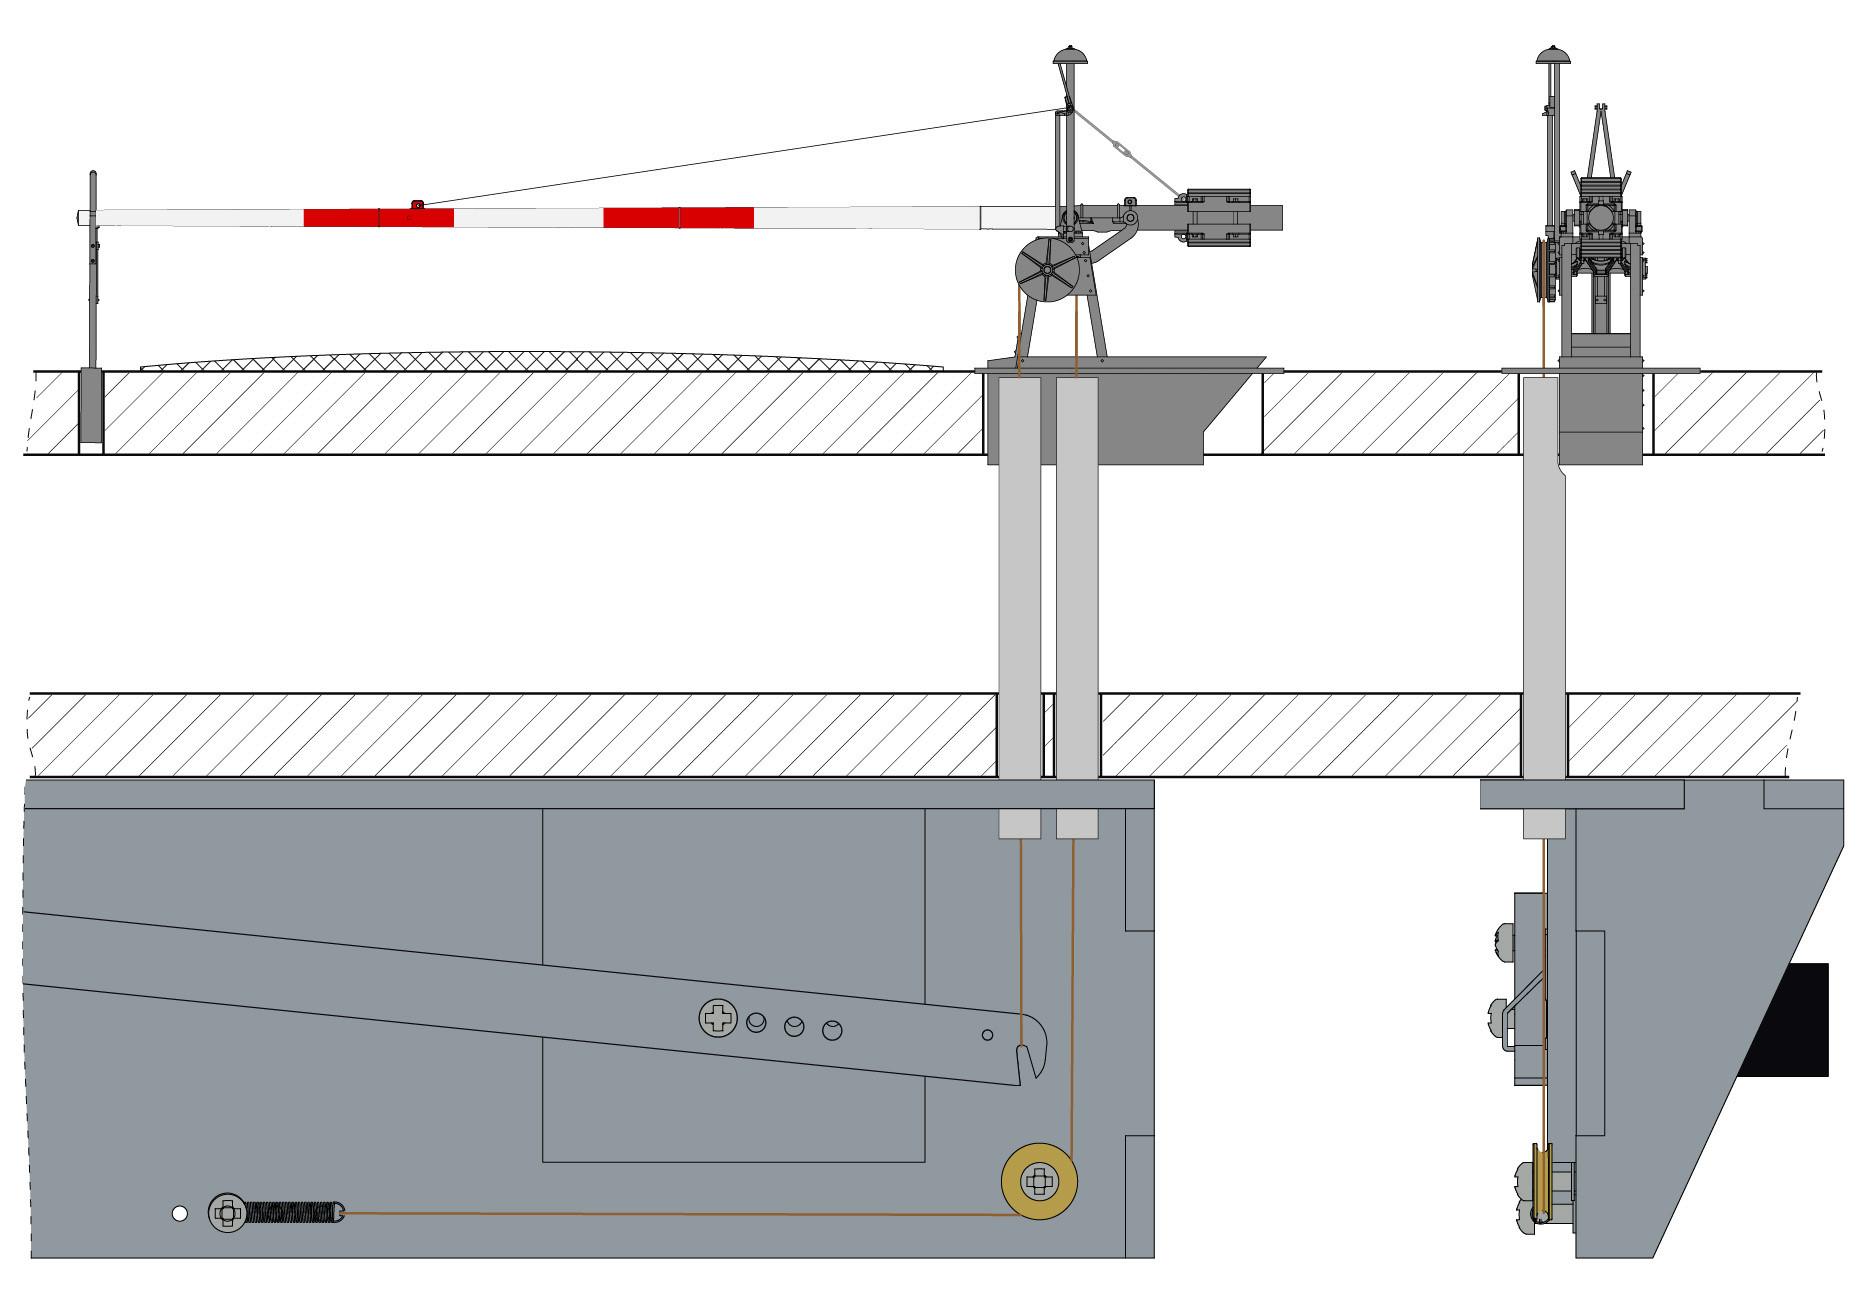 Antriebsmechanik für mech. Einheitsschranke (Bausatz)